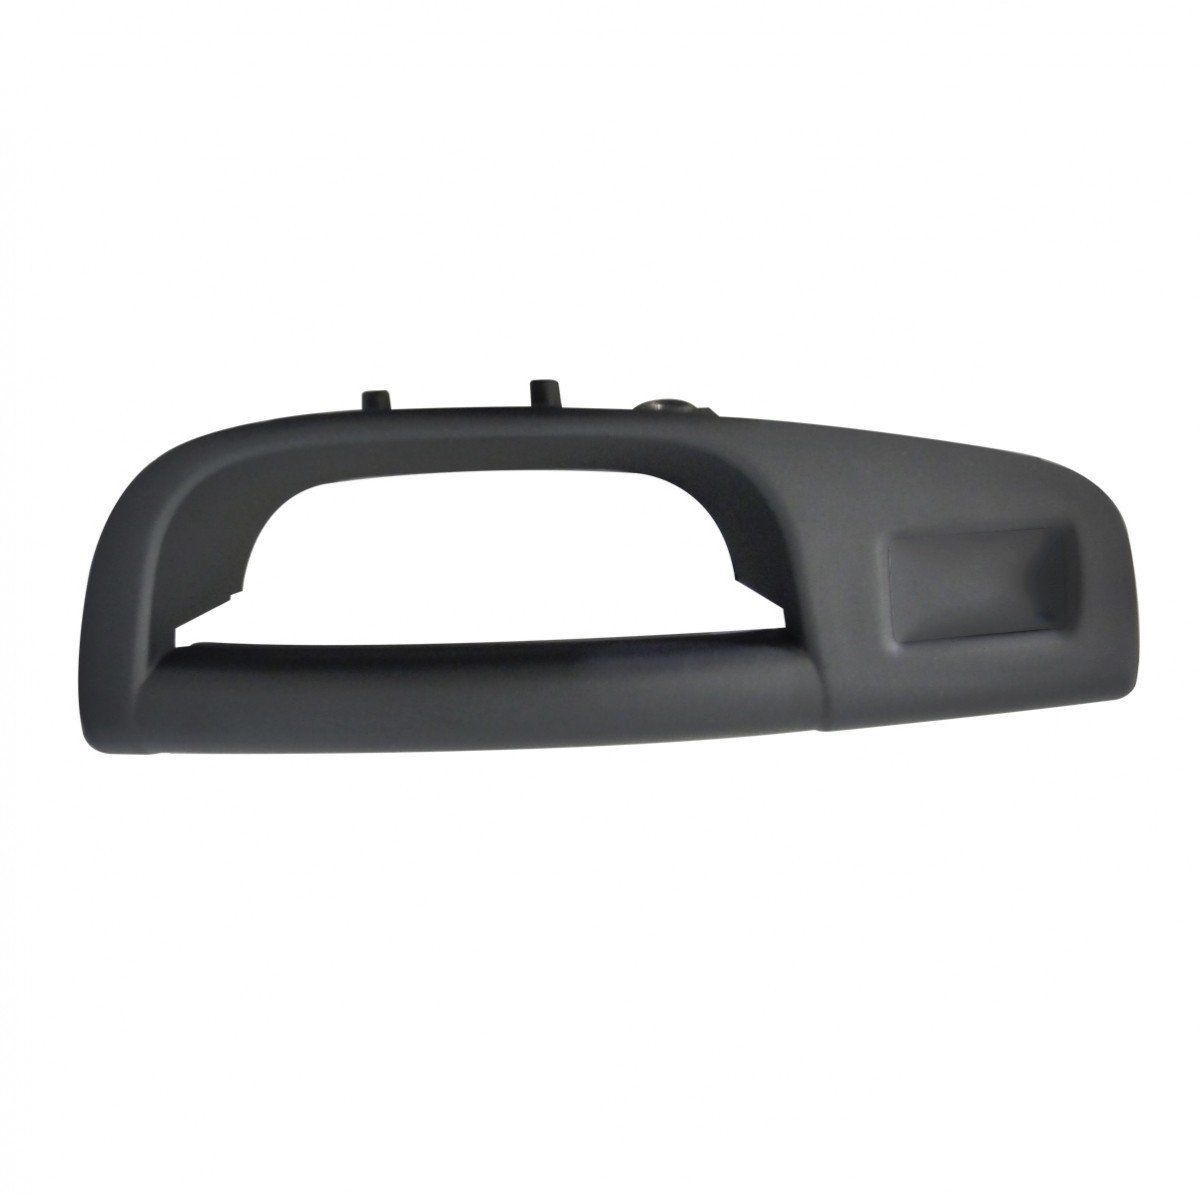 Puxador Interno Porta Traseira Gol G5 G6 - Cinza Esquerdo